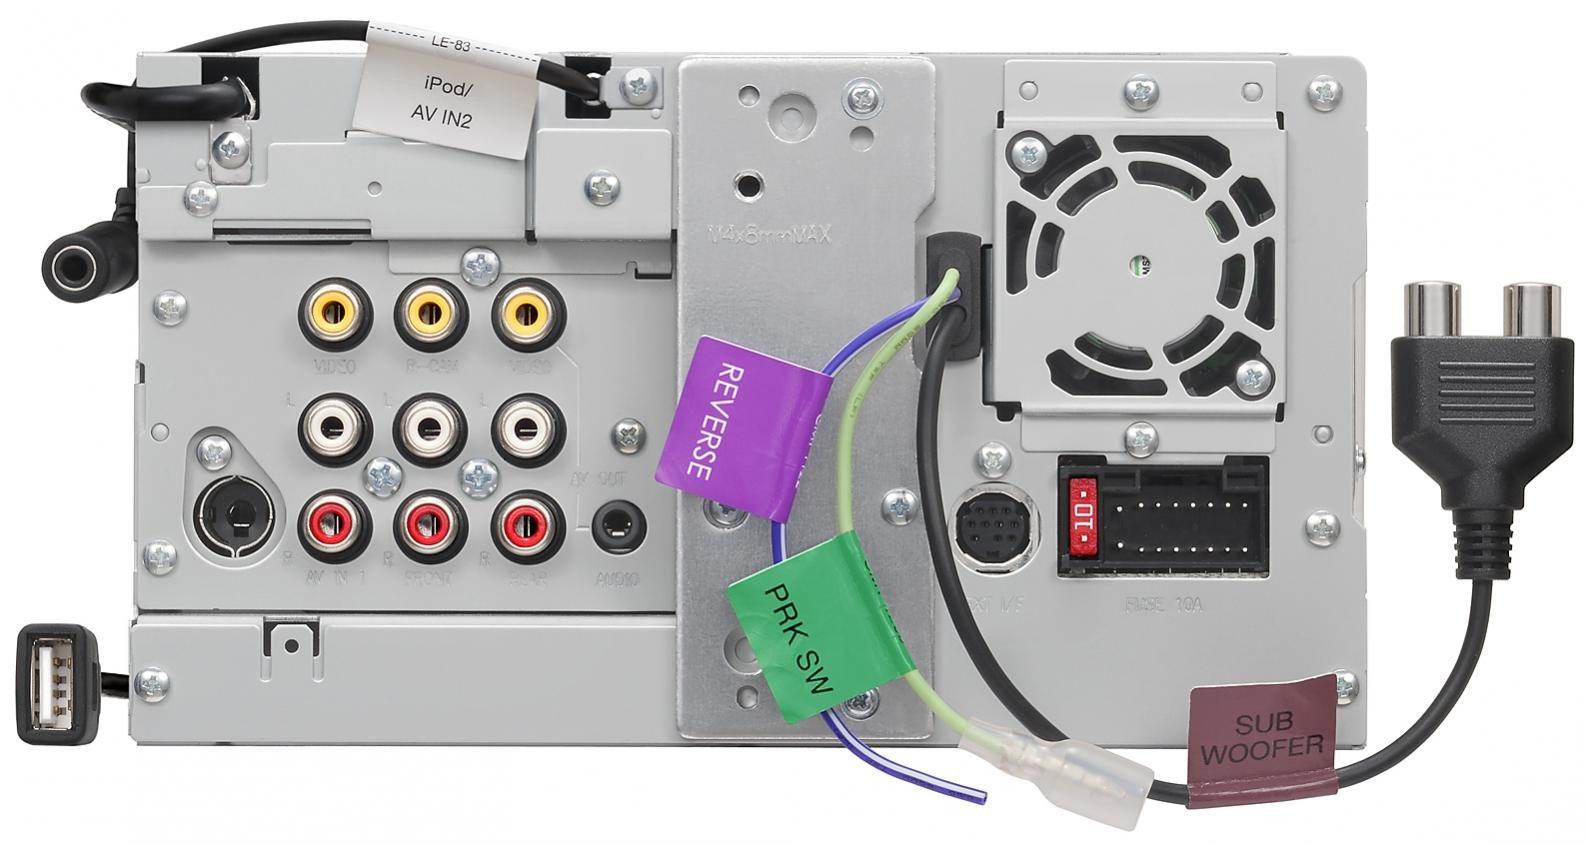 kenwood wiring harness back schwinn s500 electric scooter kenwood radio wiring back wiring diagrams 78002d1395510092 kenwood double din install help 13 ddx370 k back